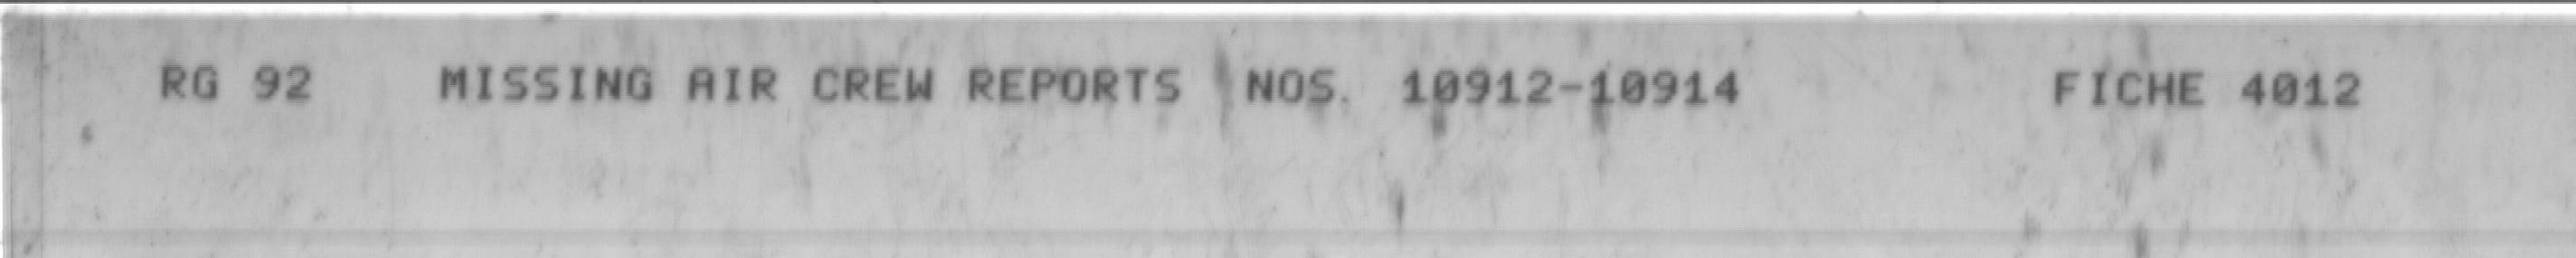 Microfilm target sheet